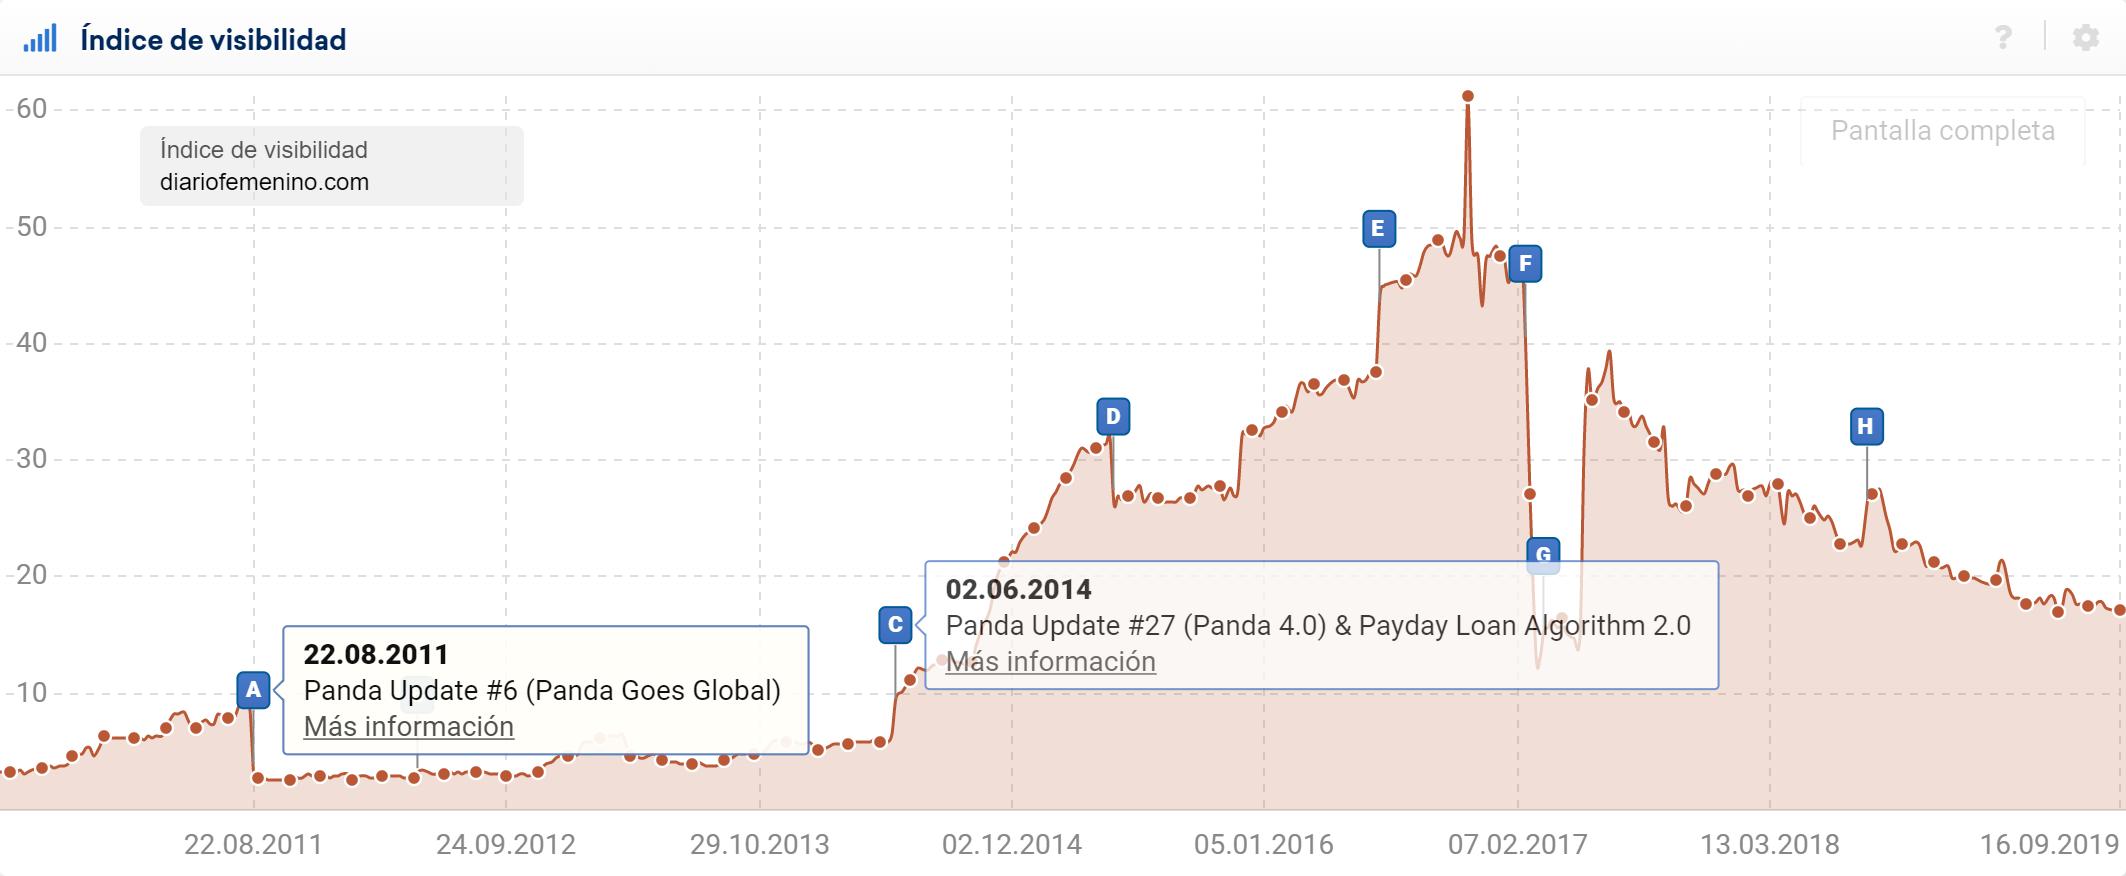 Curva de visibilidad de diariofemenino.com con pines de eventos activados afectado por Google Panda Update.